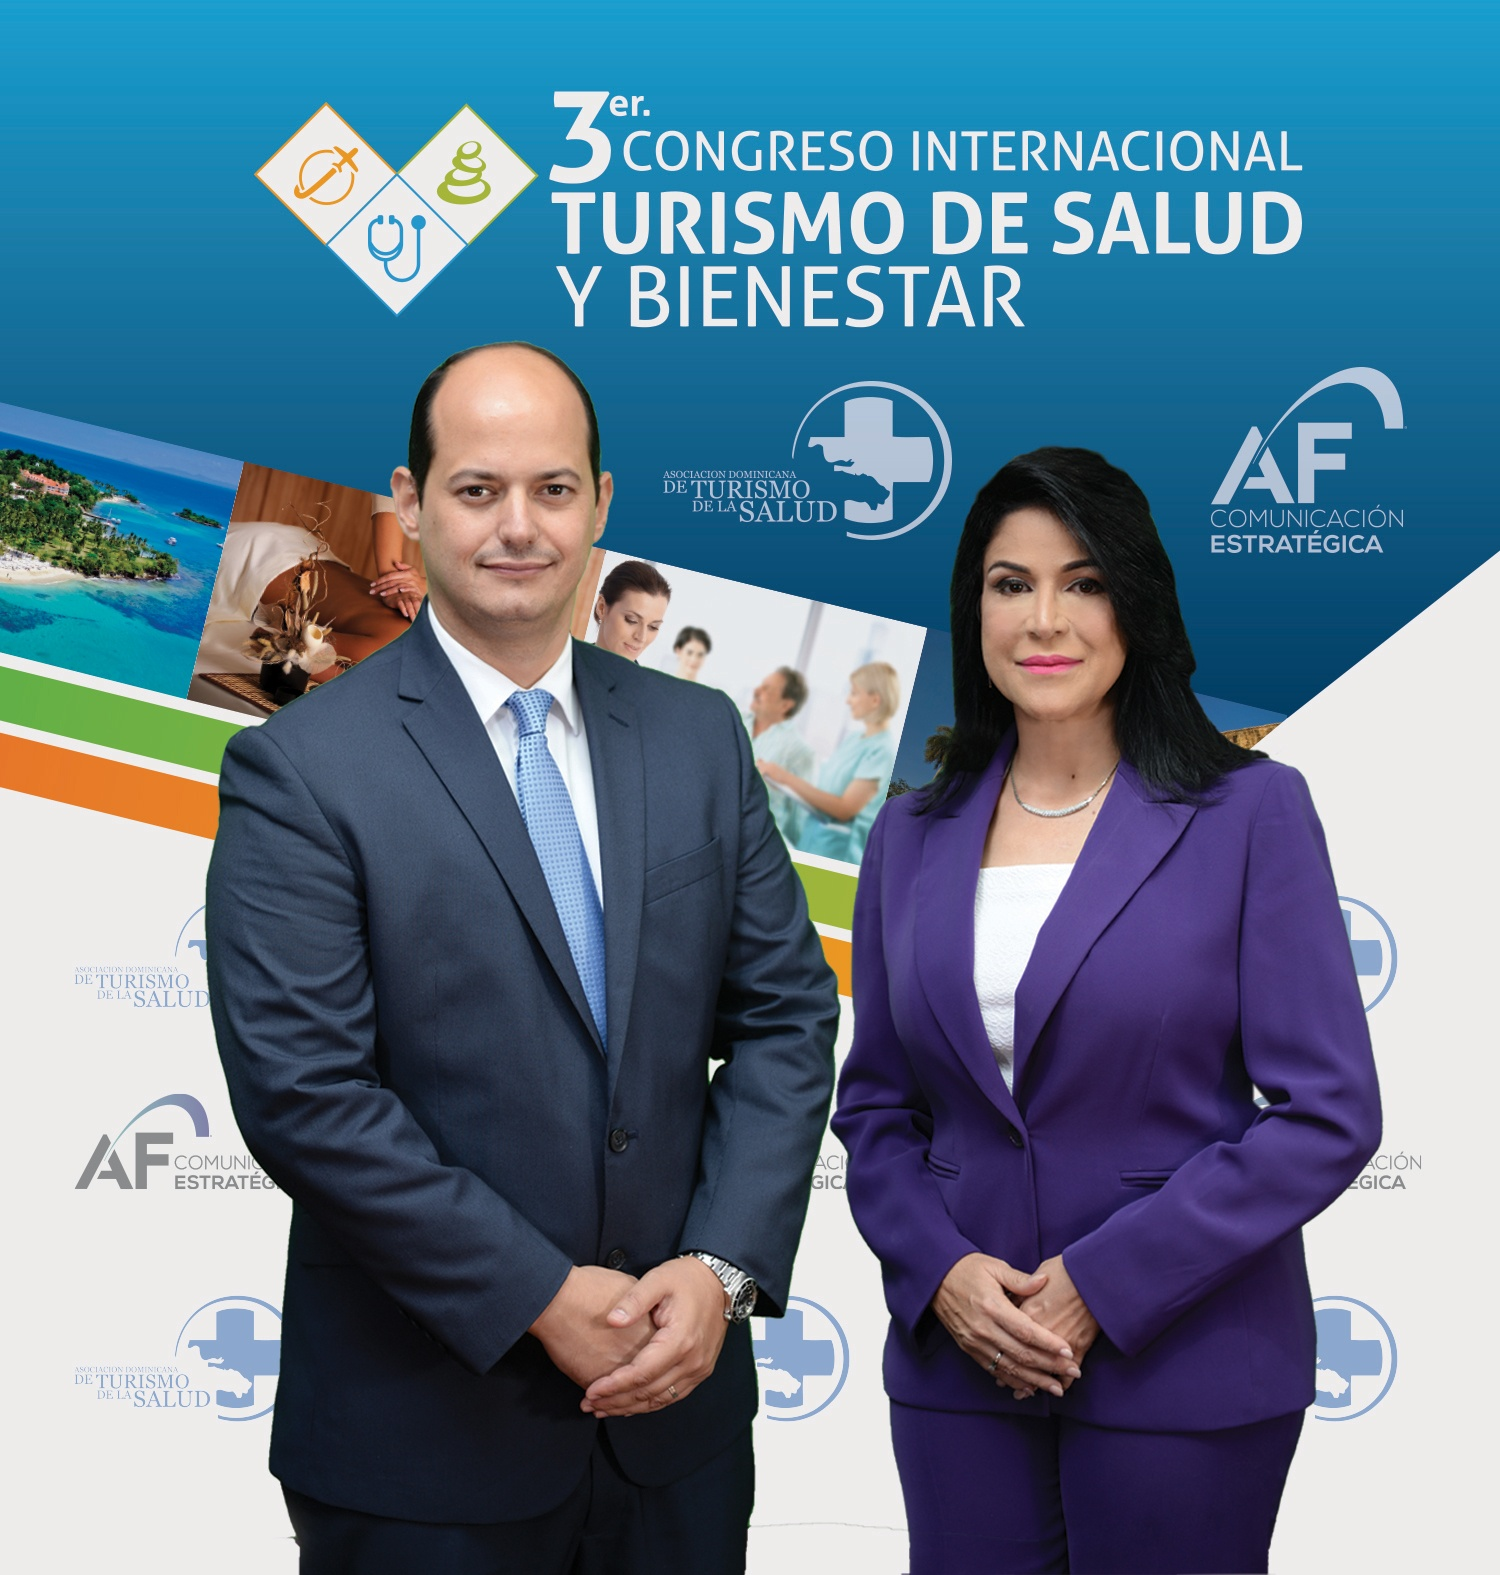 Asociación Dominicana de Turismo de Salud y AF Comunicación anuncian agenda del 3er Congreso Internacional de Turismo de Salud